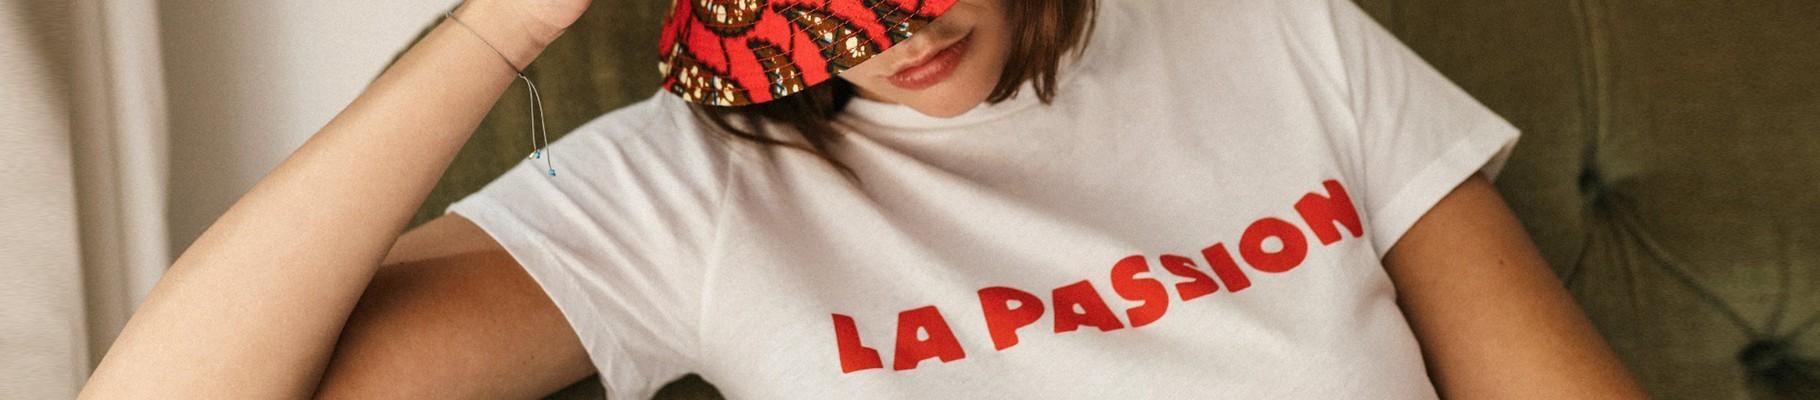 Tee-shirts pour femme chez Suneonline